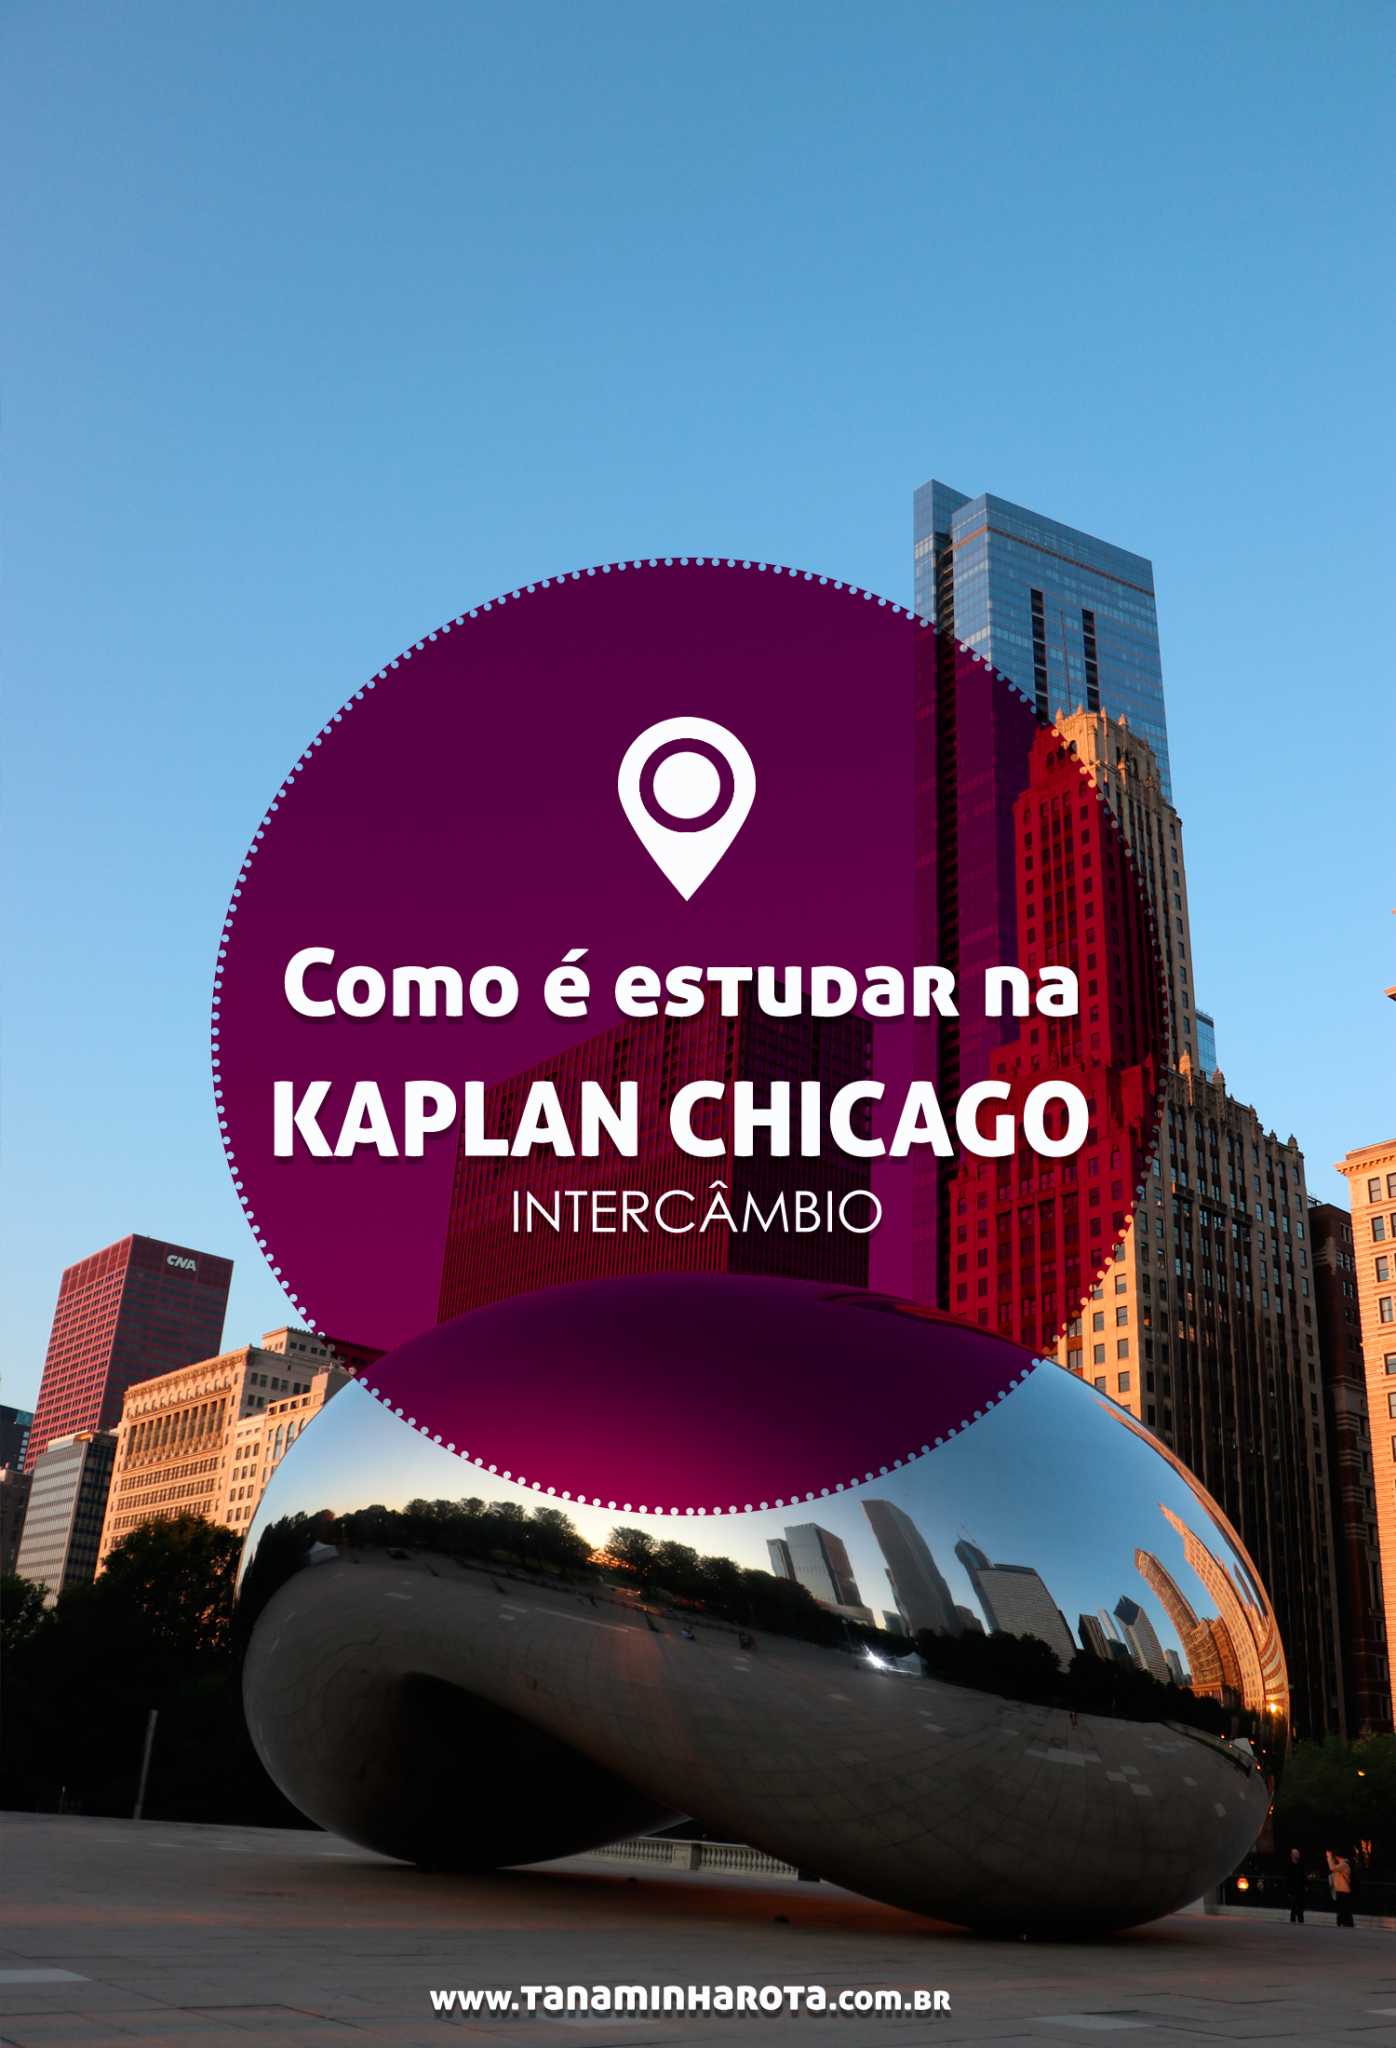 curso-de-ingles-kaplan-chicago-como-é-estudar-na-kaplan (1)